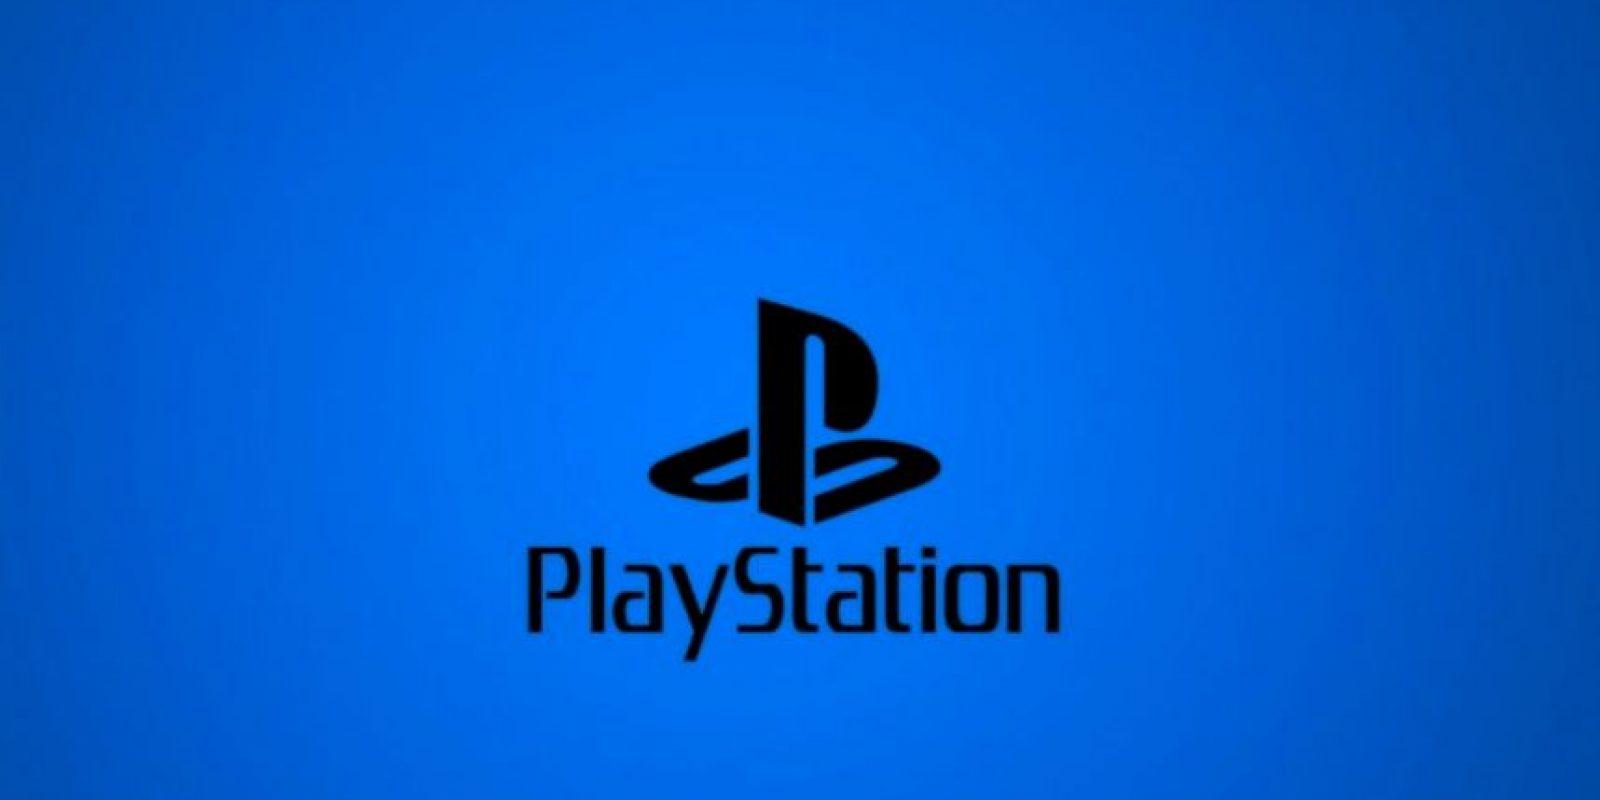 PlayStation es la consola más vendida de todos los tiempos. Foto:Sony